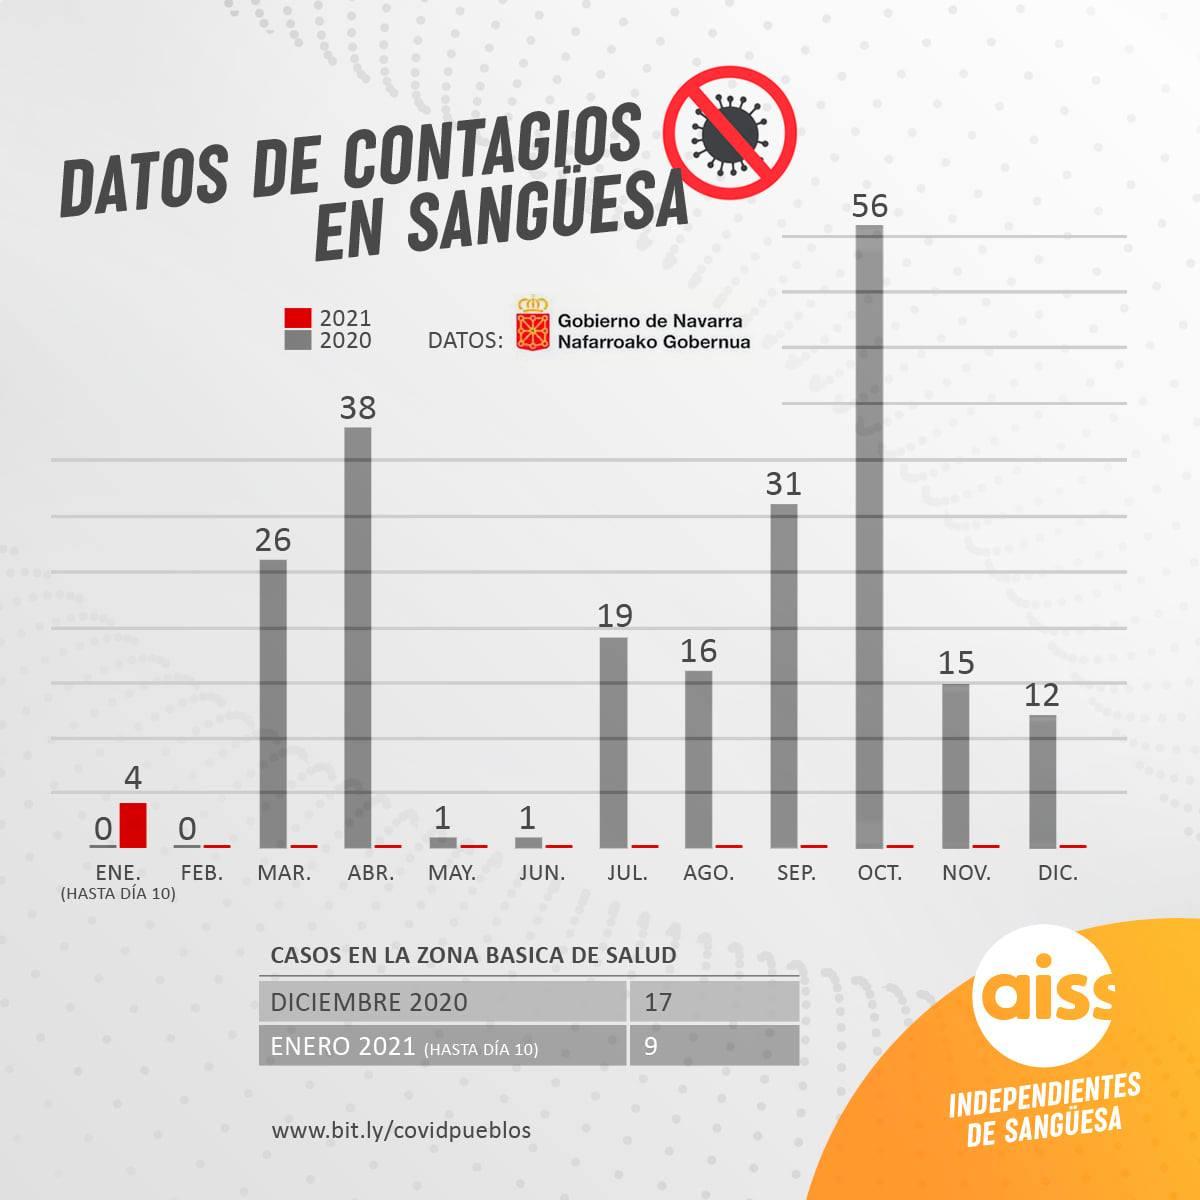 Últimos datos de los contagios tanto en Sangüesa como el la Zona Básica de Salud